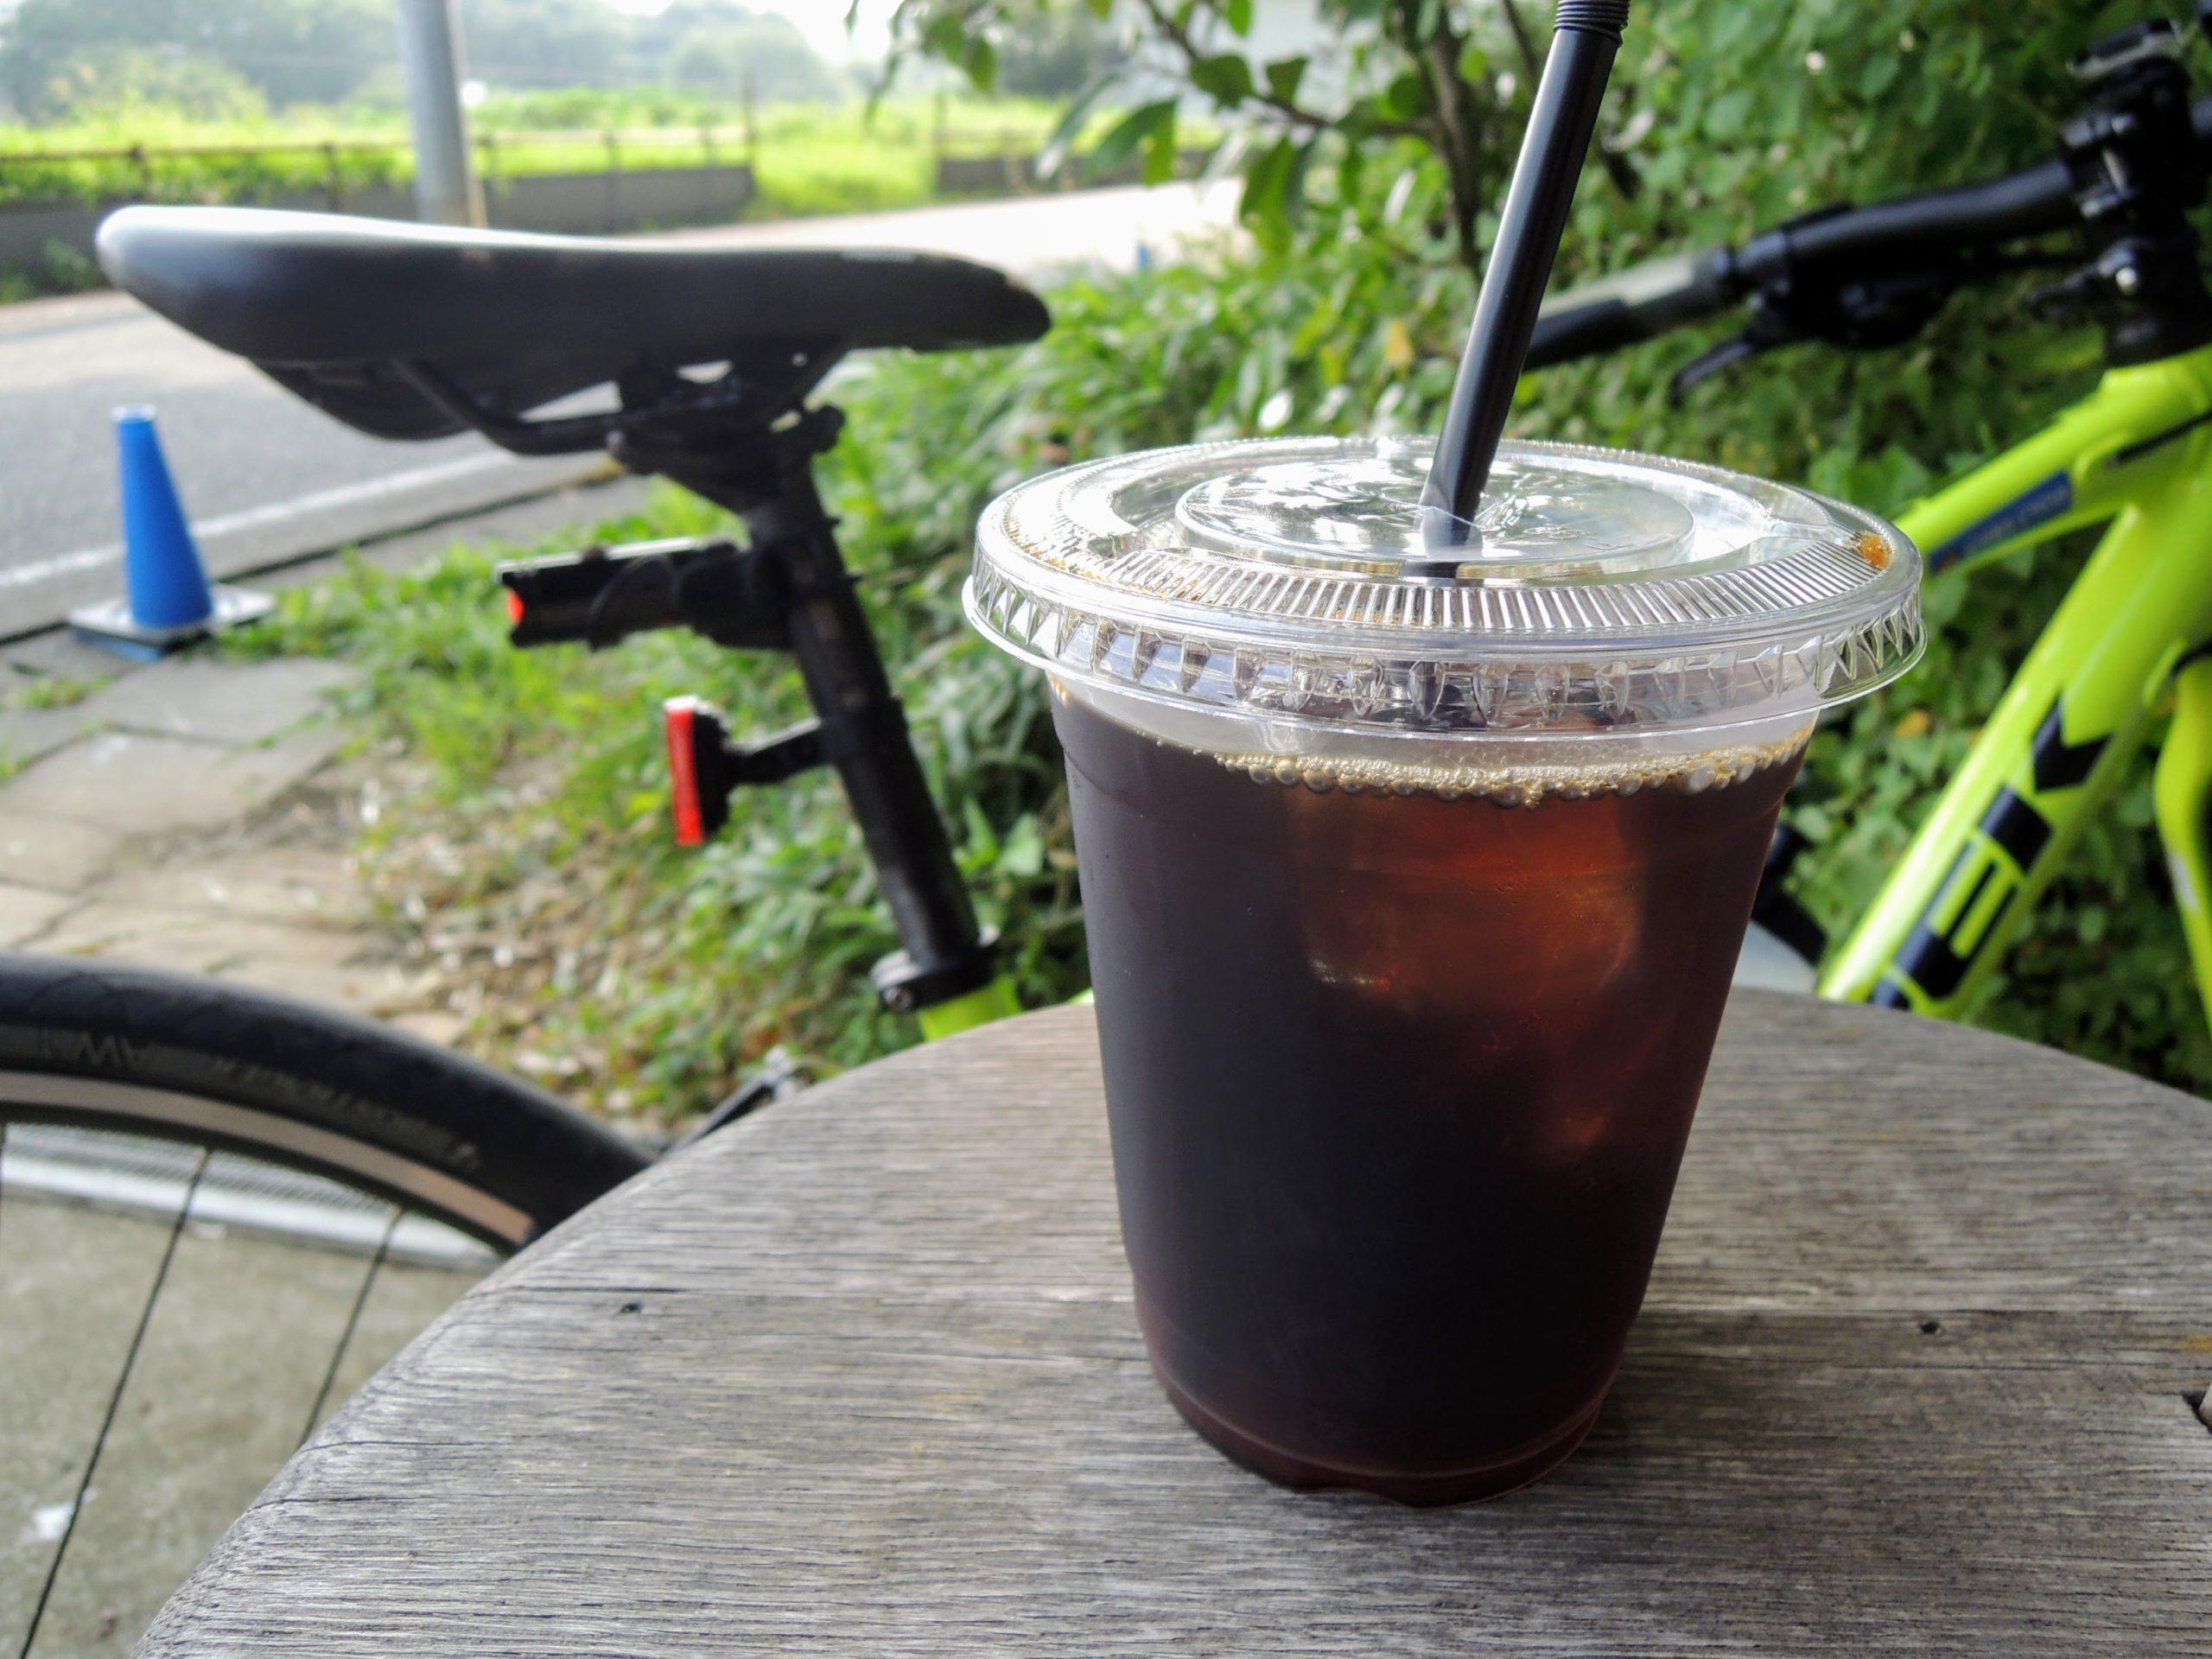 店舗脇の休憩スペースでアイスコーヒーをいただく